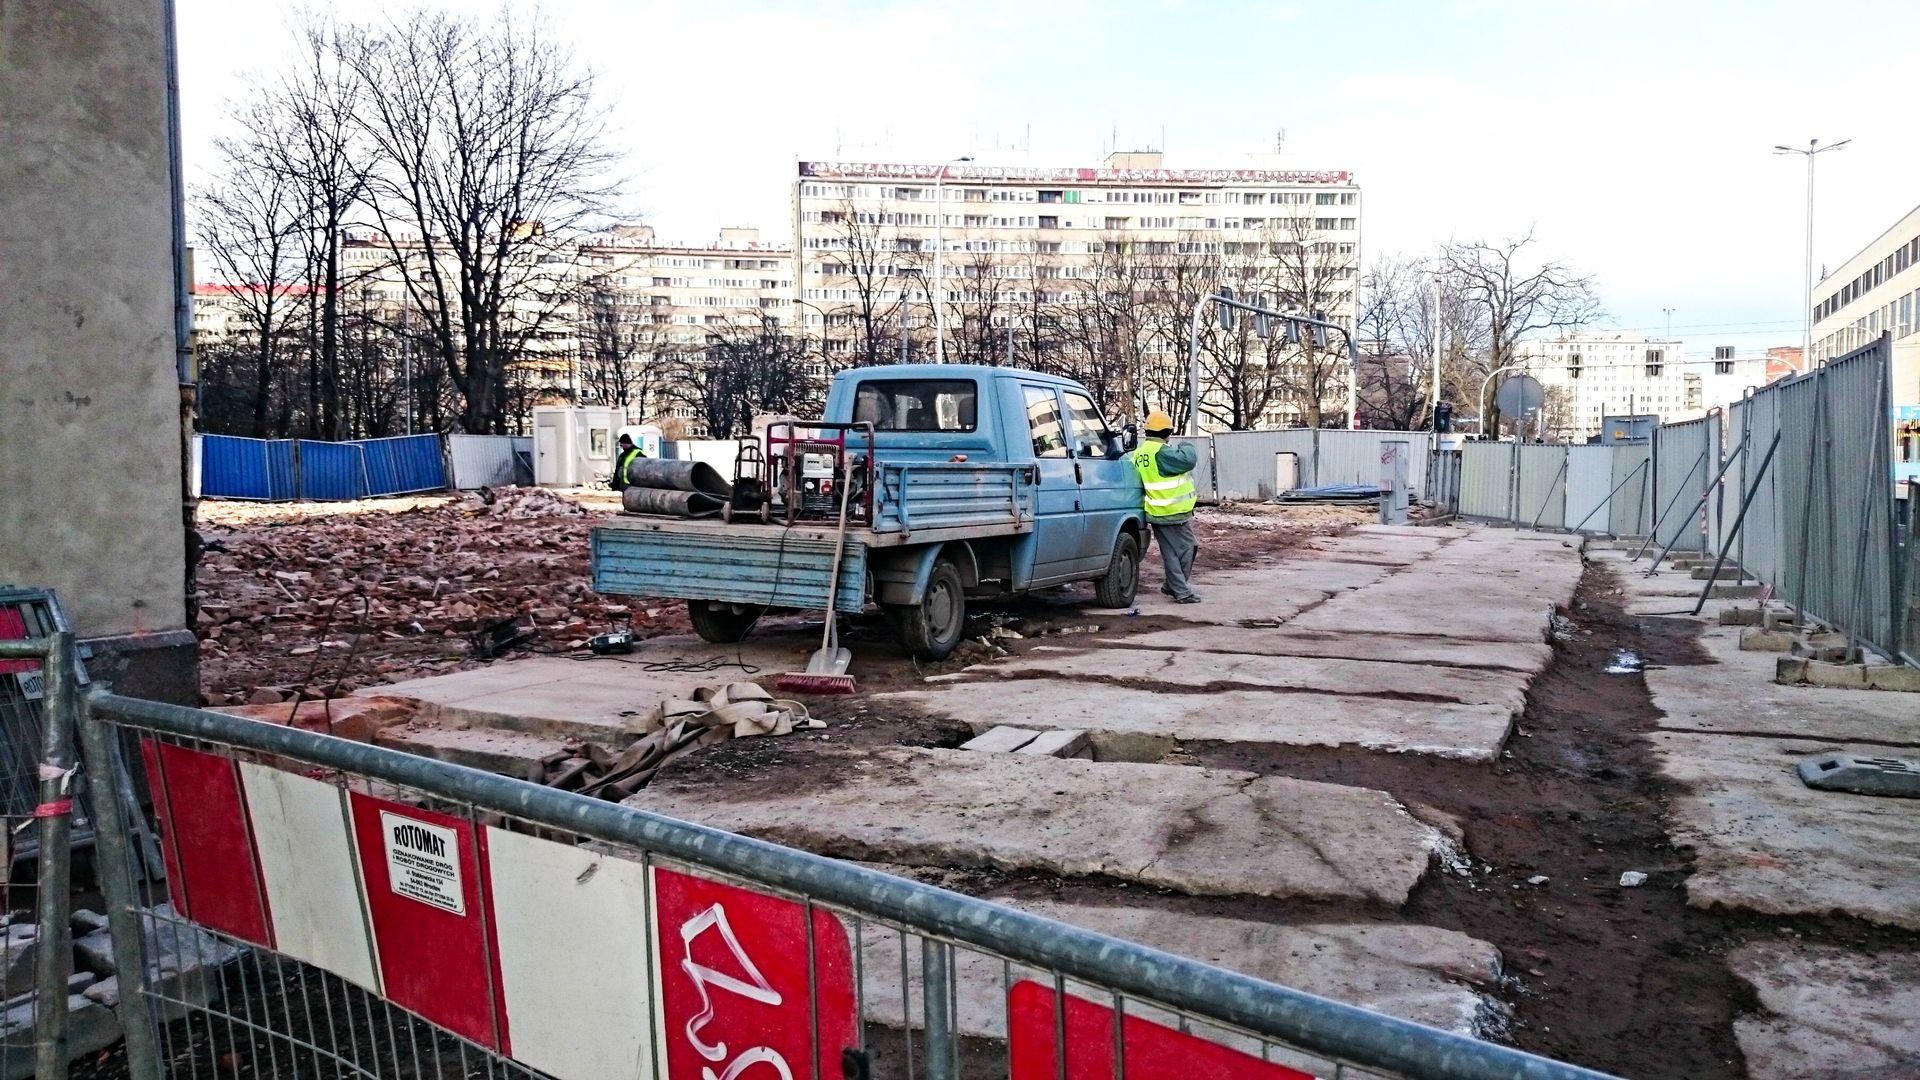 [Wrocław] Po dawnym urzędzie pracy nie ma już śladu. Stanie tam 14-piętrowy biurowiec [FOTO]